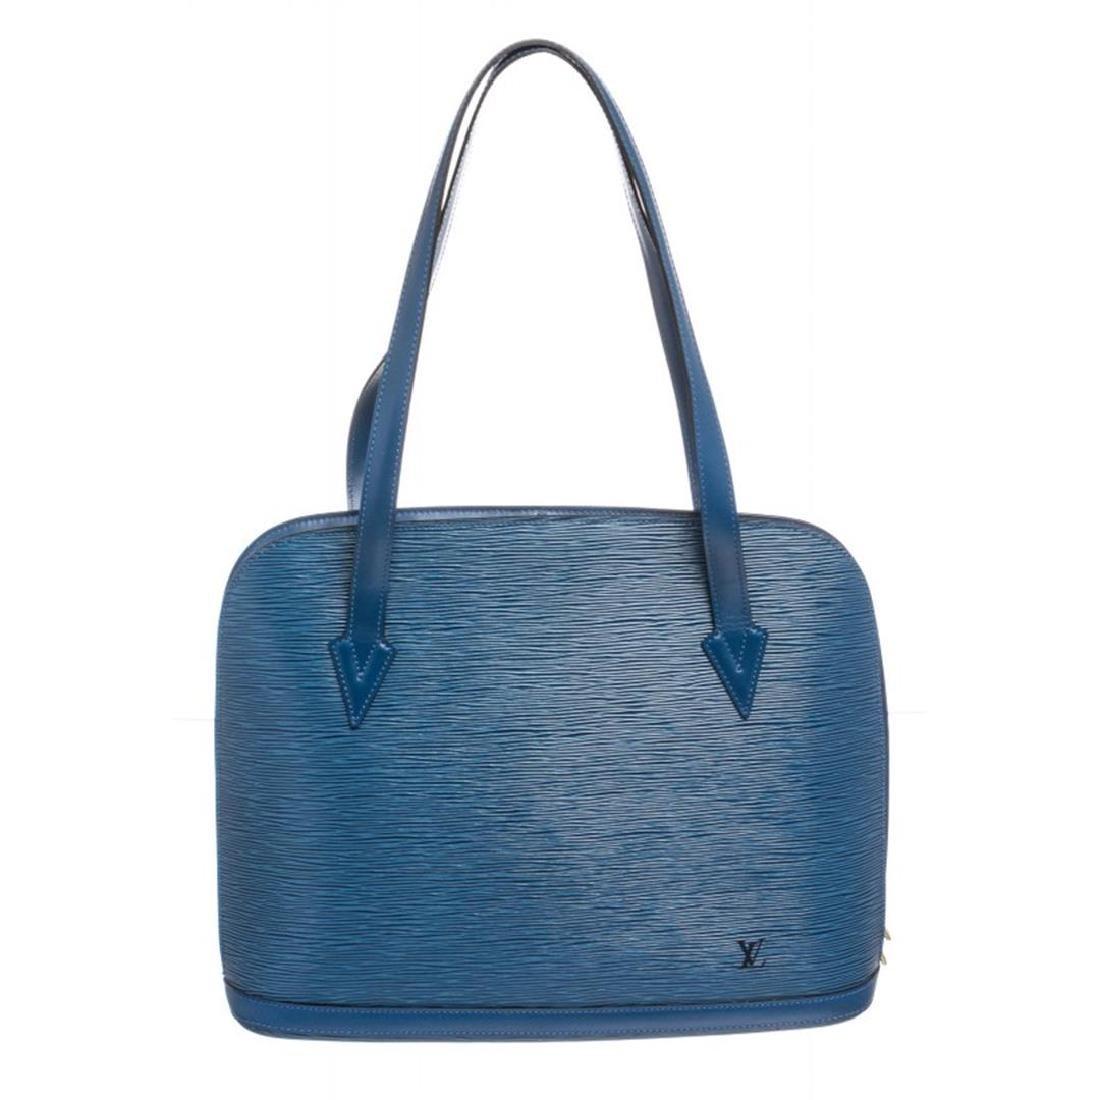 Louis Vuitton Blue Epi Leather Lussac Shoulder Bag